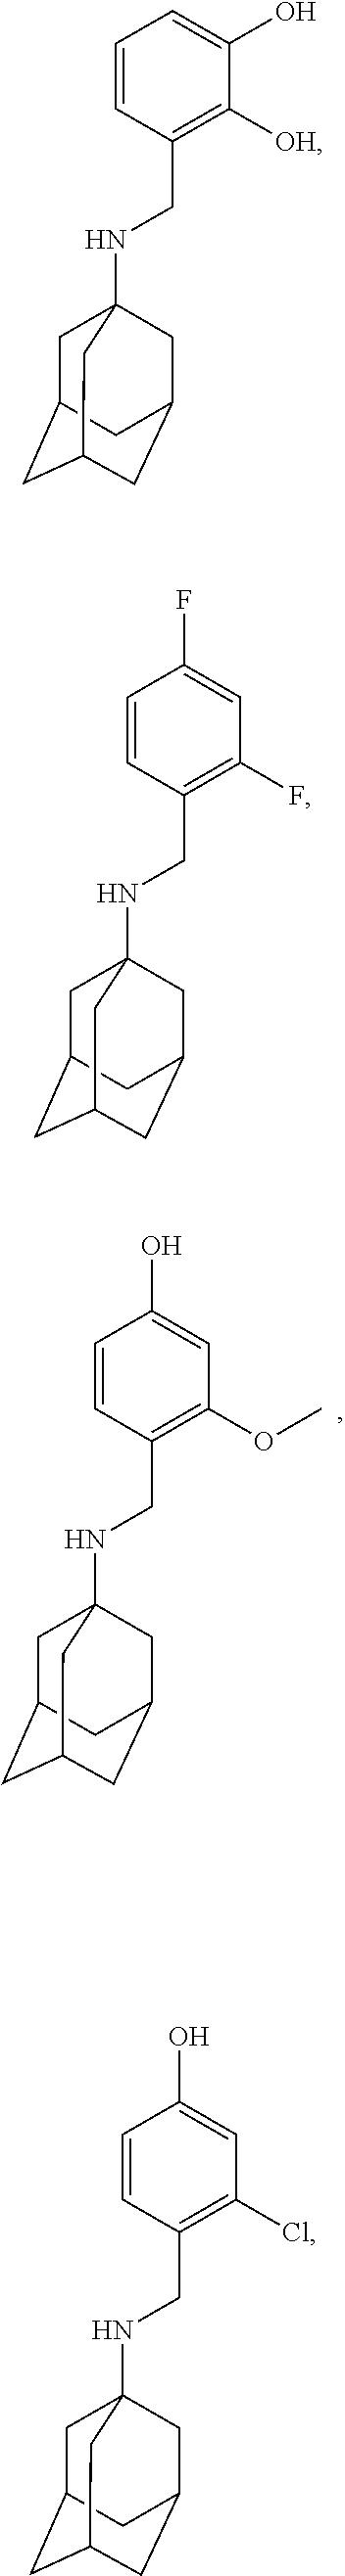 Figure US09884832-20180206-C00118